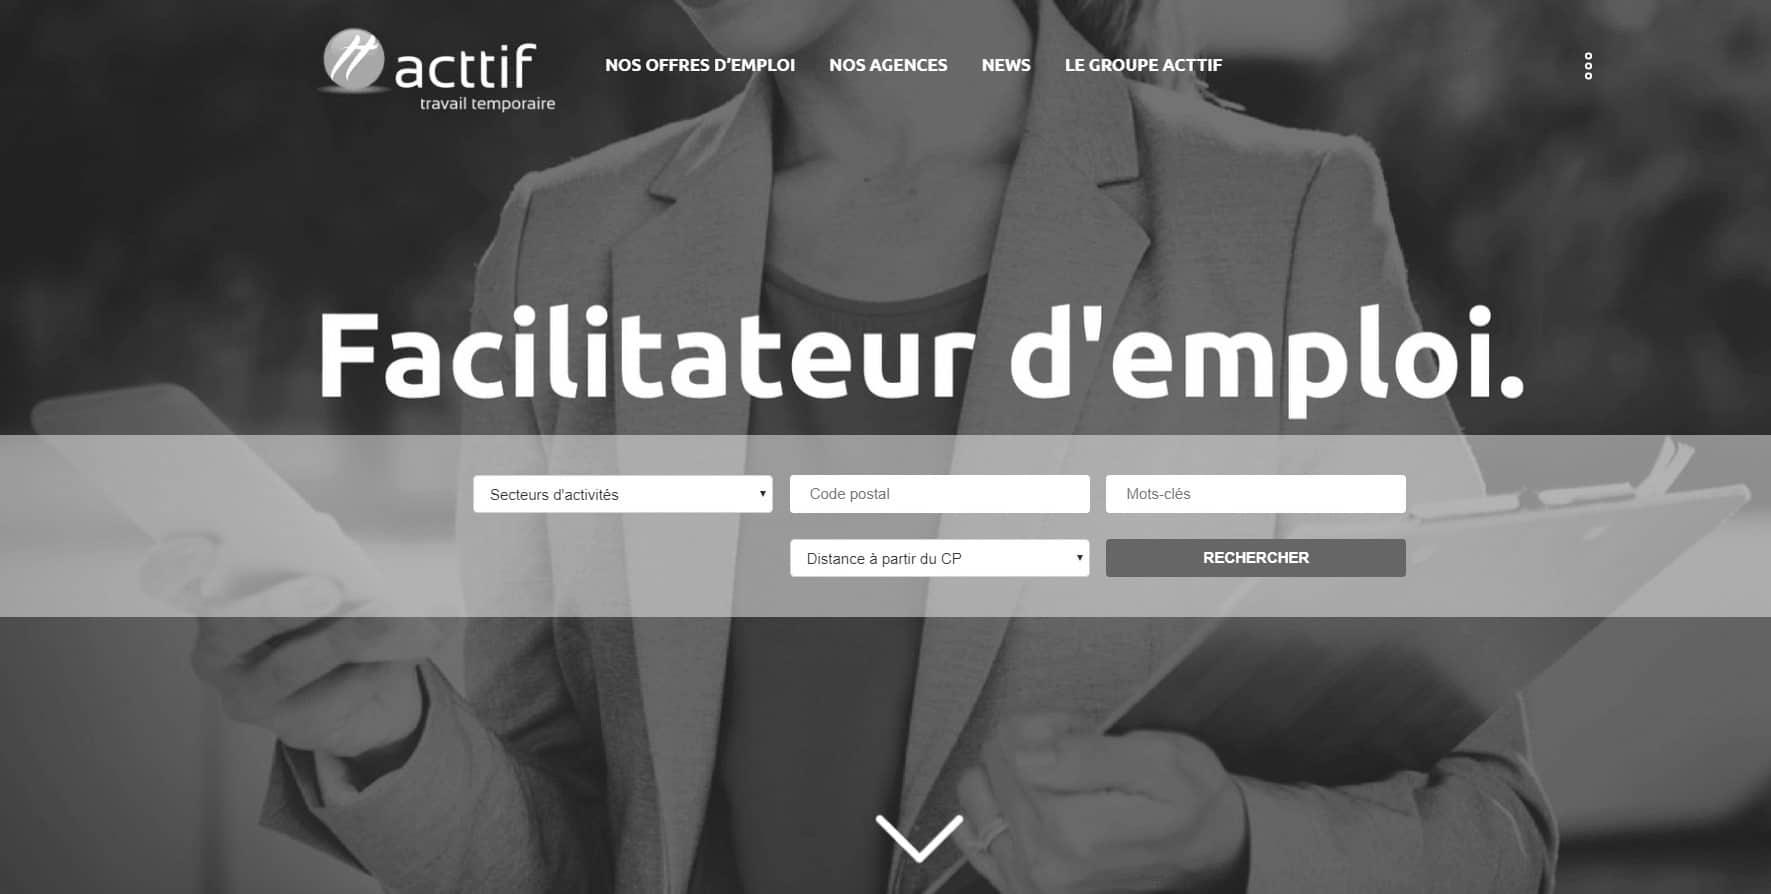 page d'accueil du site web d'acttif travail temporaire en noir et blanc